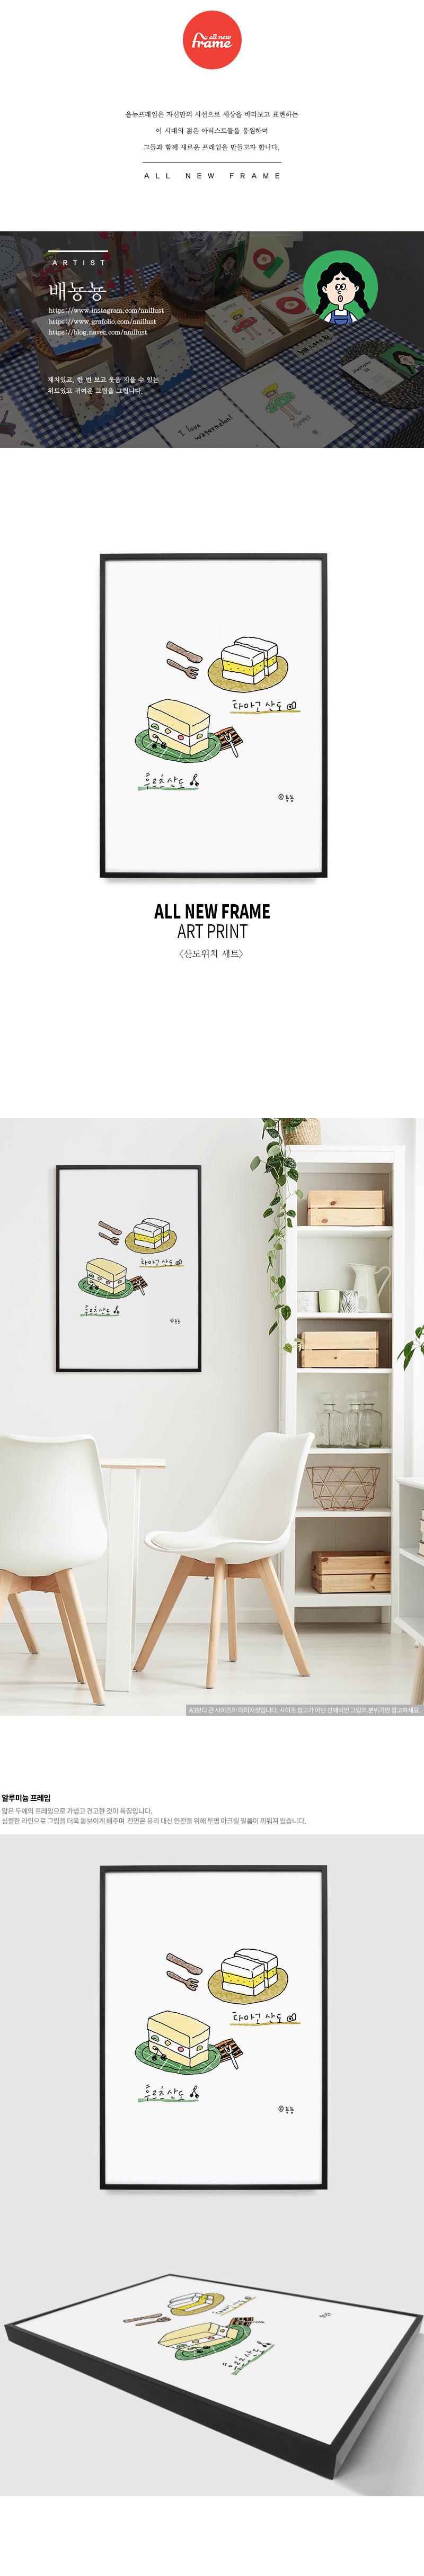 산도위치 세트- 일러스트 액자 - 올뉴프레임, 55,000원, 홈갤러리, 캔버스아트